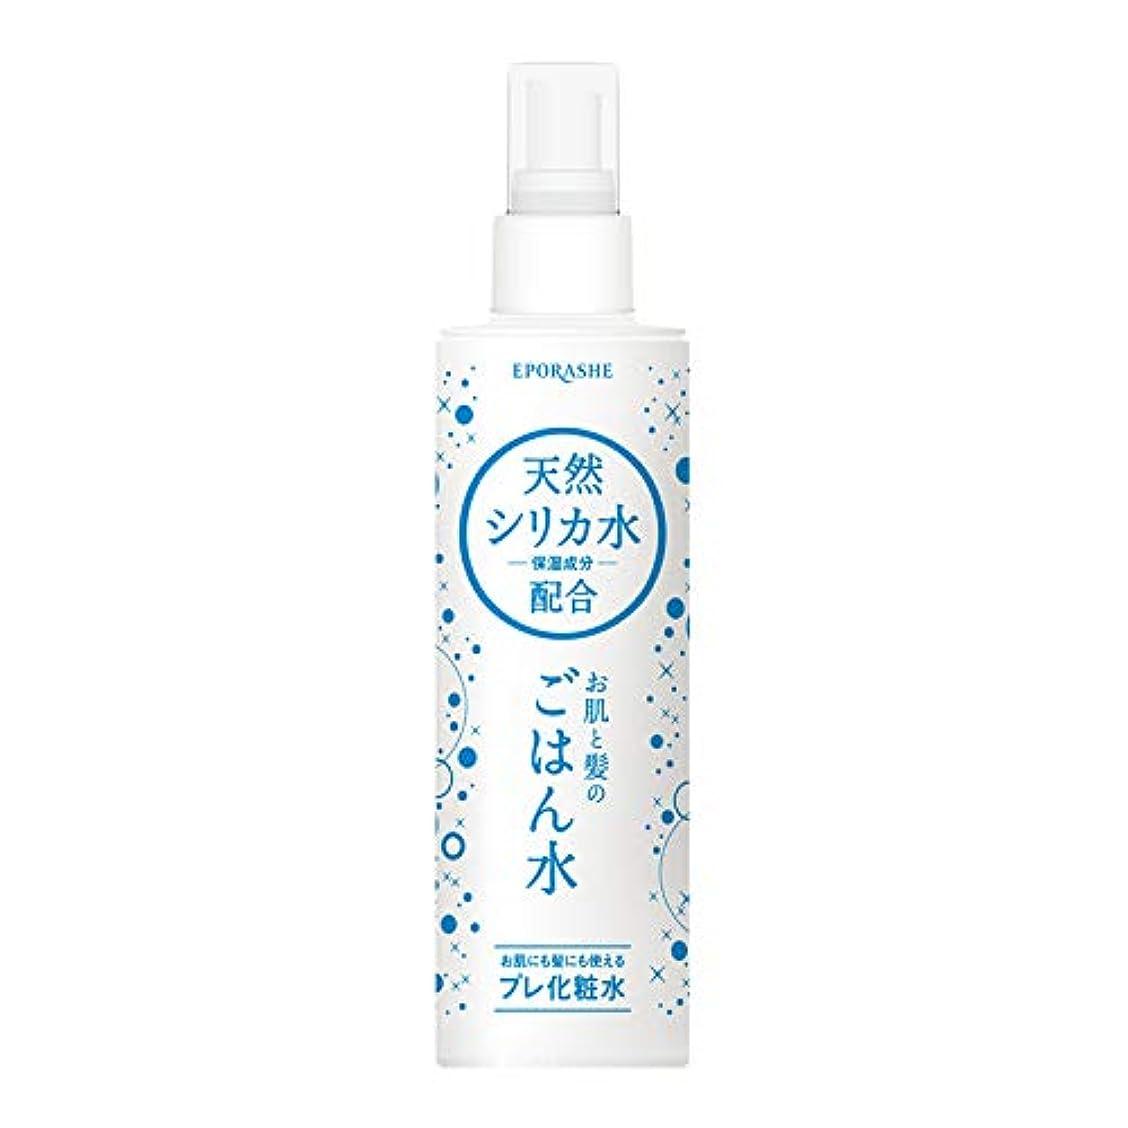 ラショナル立ち向かうポータルEPORASHE お肌と髪のごはん水 ケイ素(天然シリカ)のプレ化粧水